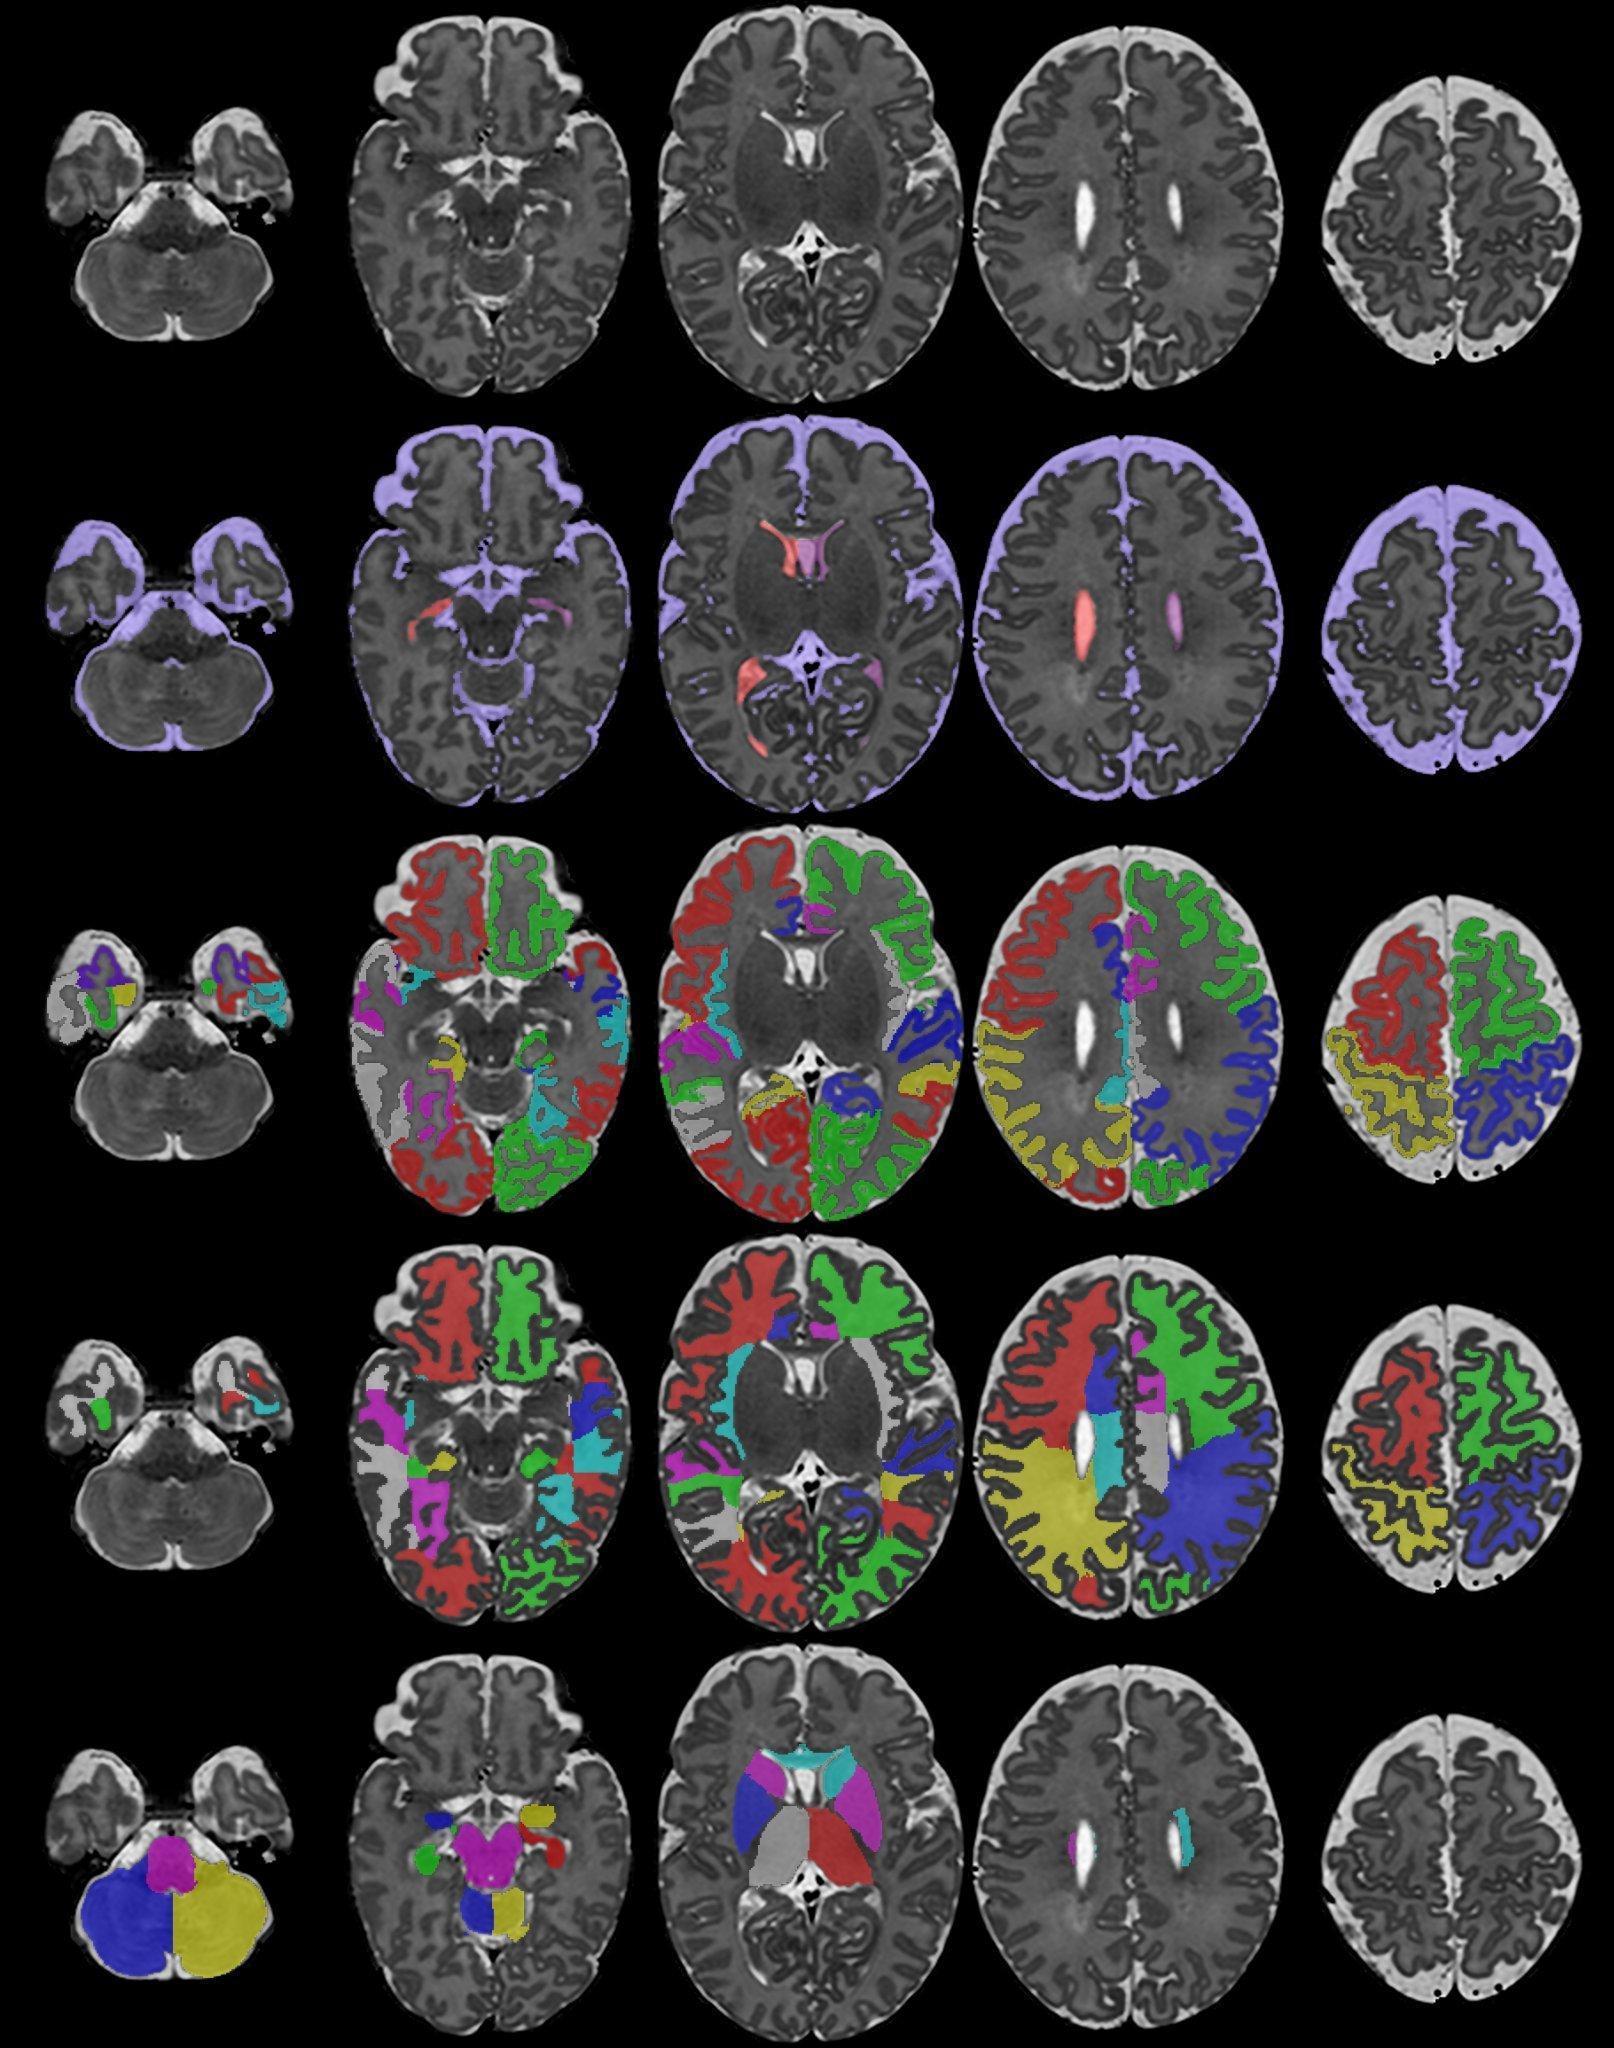 Исследователи создают базу томограмм мозга новорожденных и плода человека